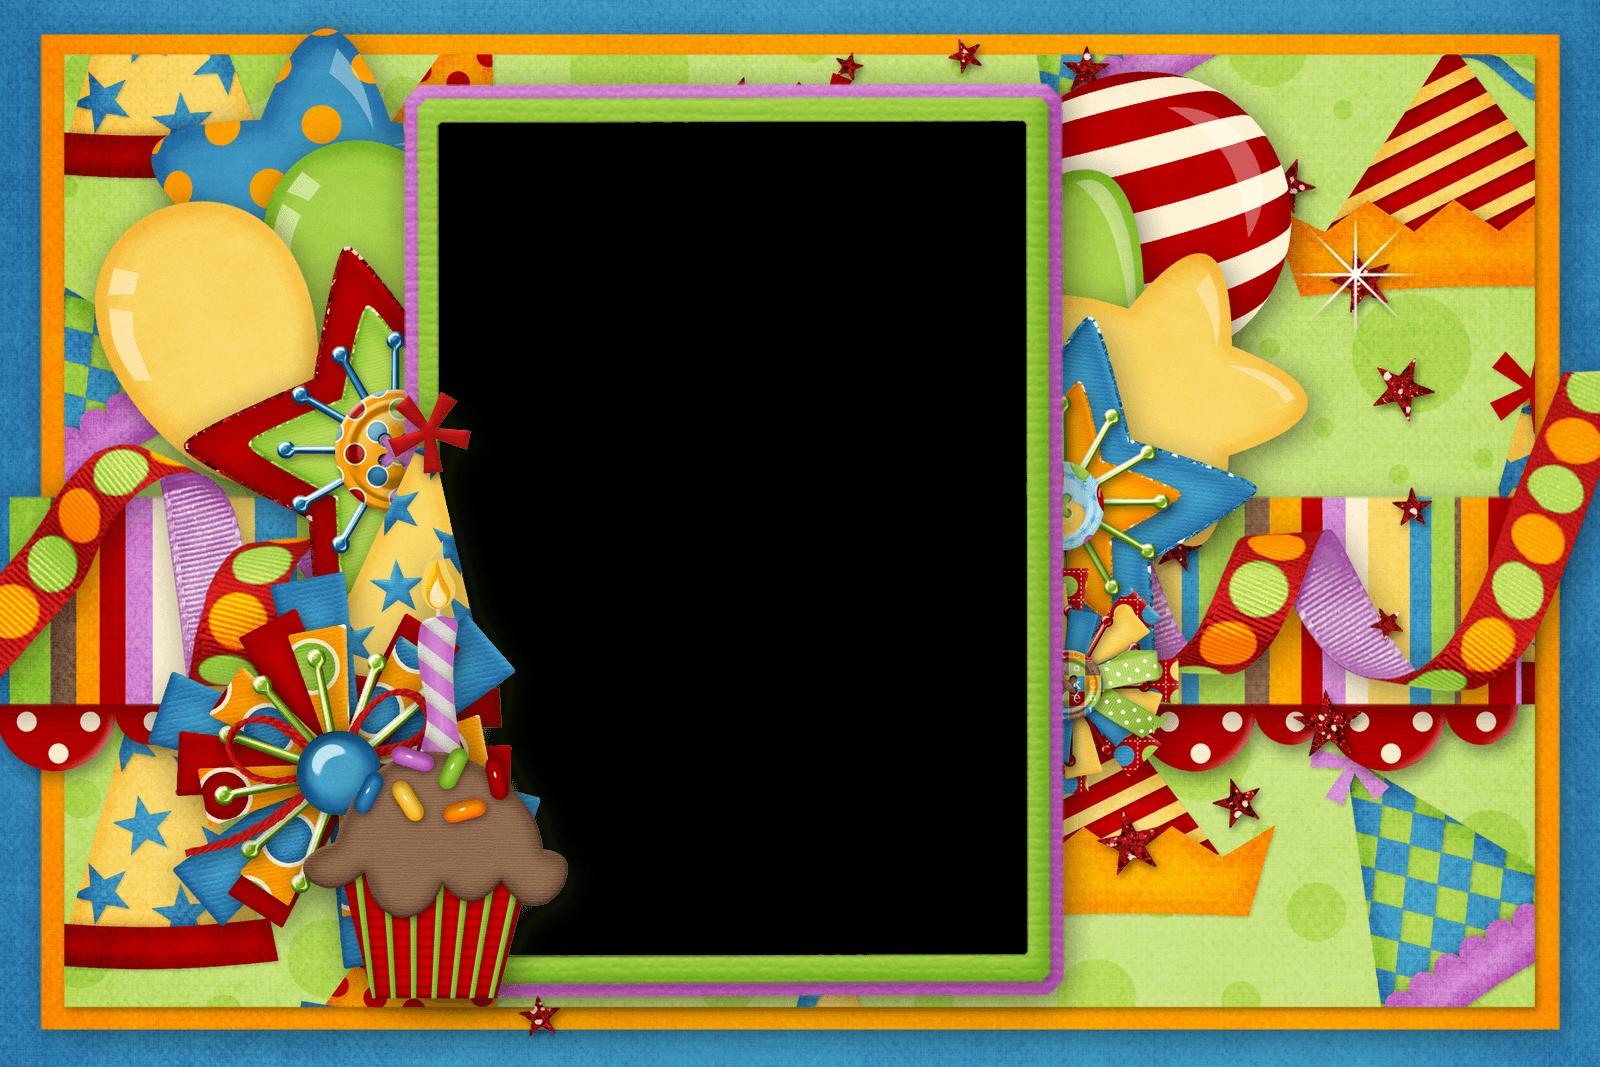 Marco de Cumple con Dulces y Confeti